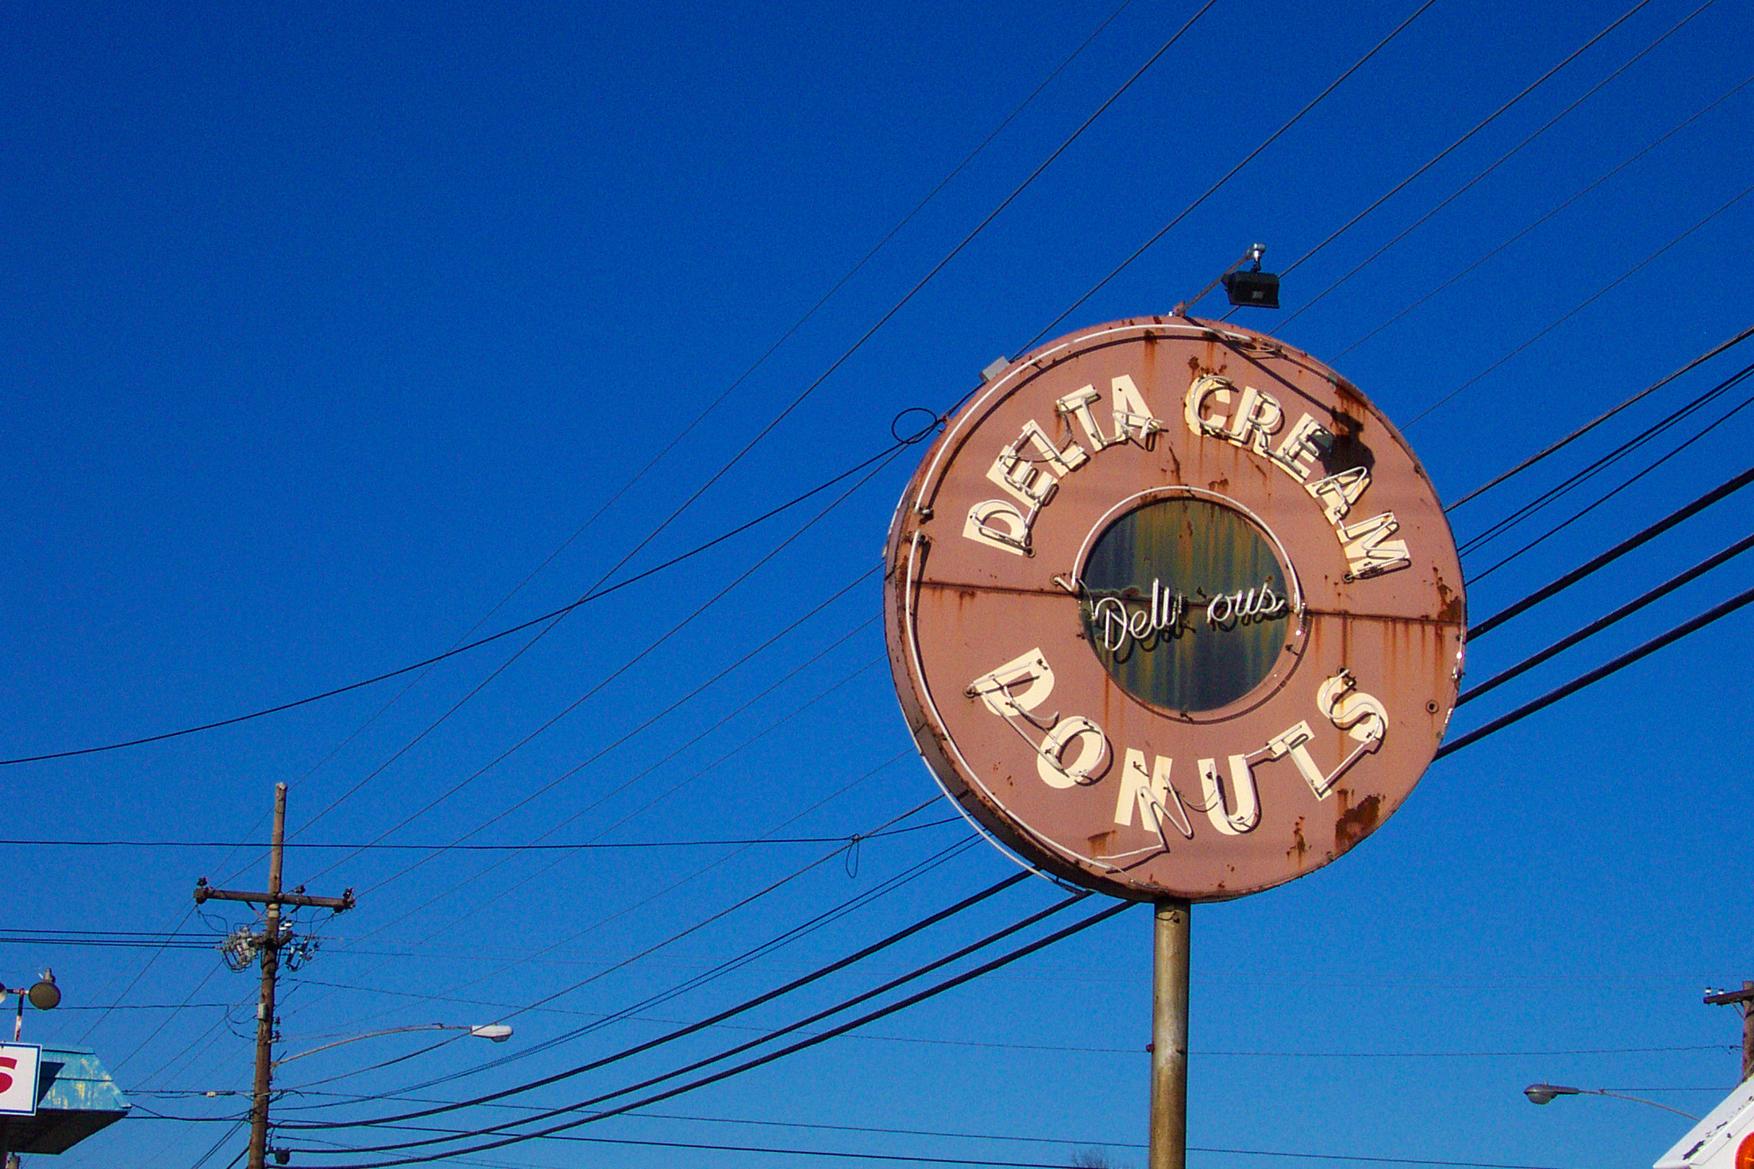 Delta Cream Donuts